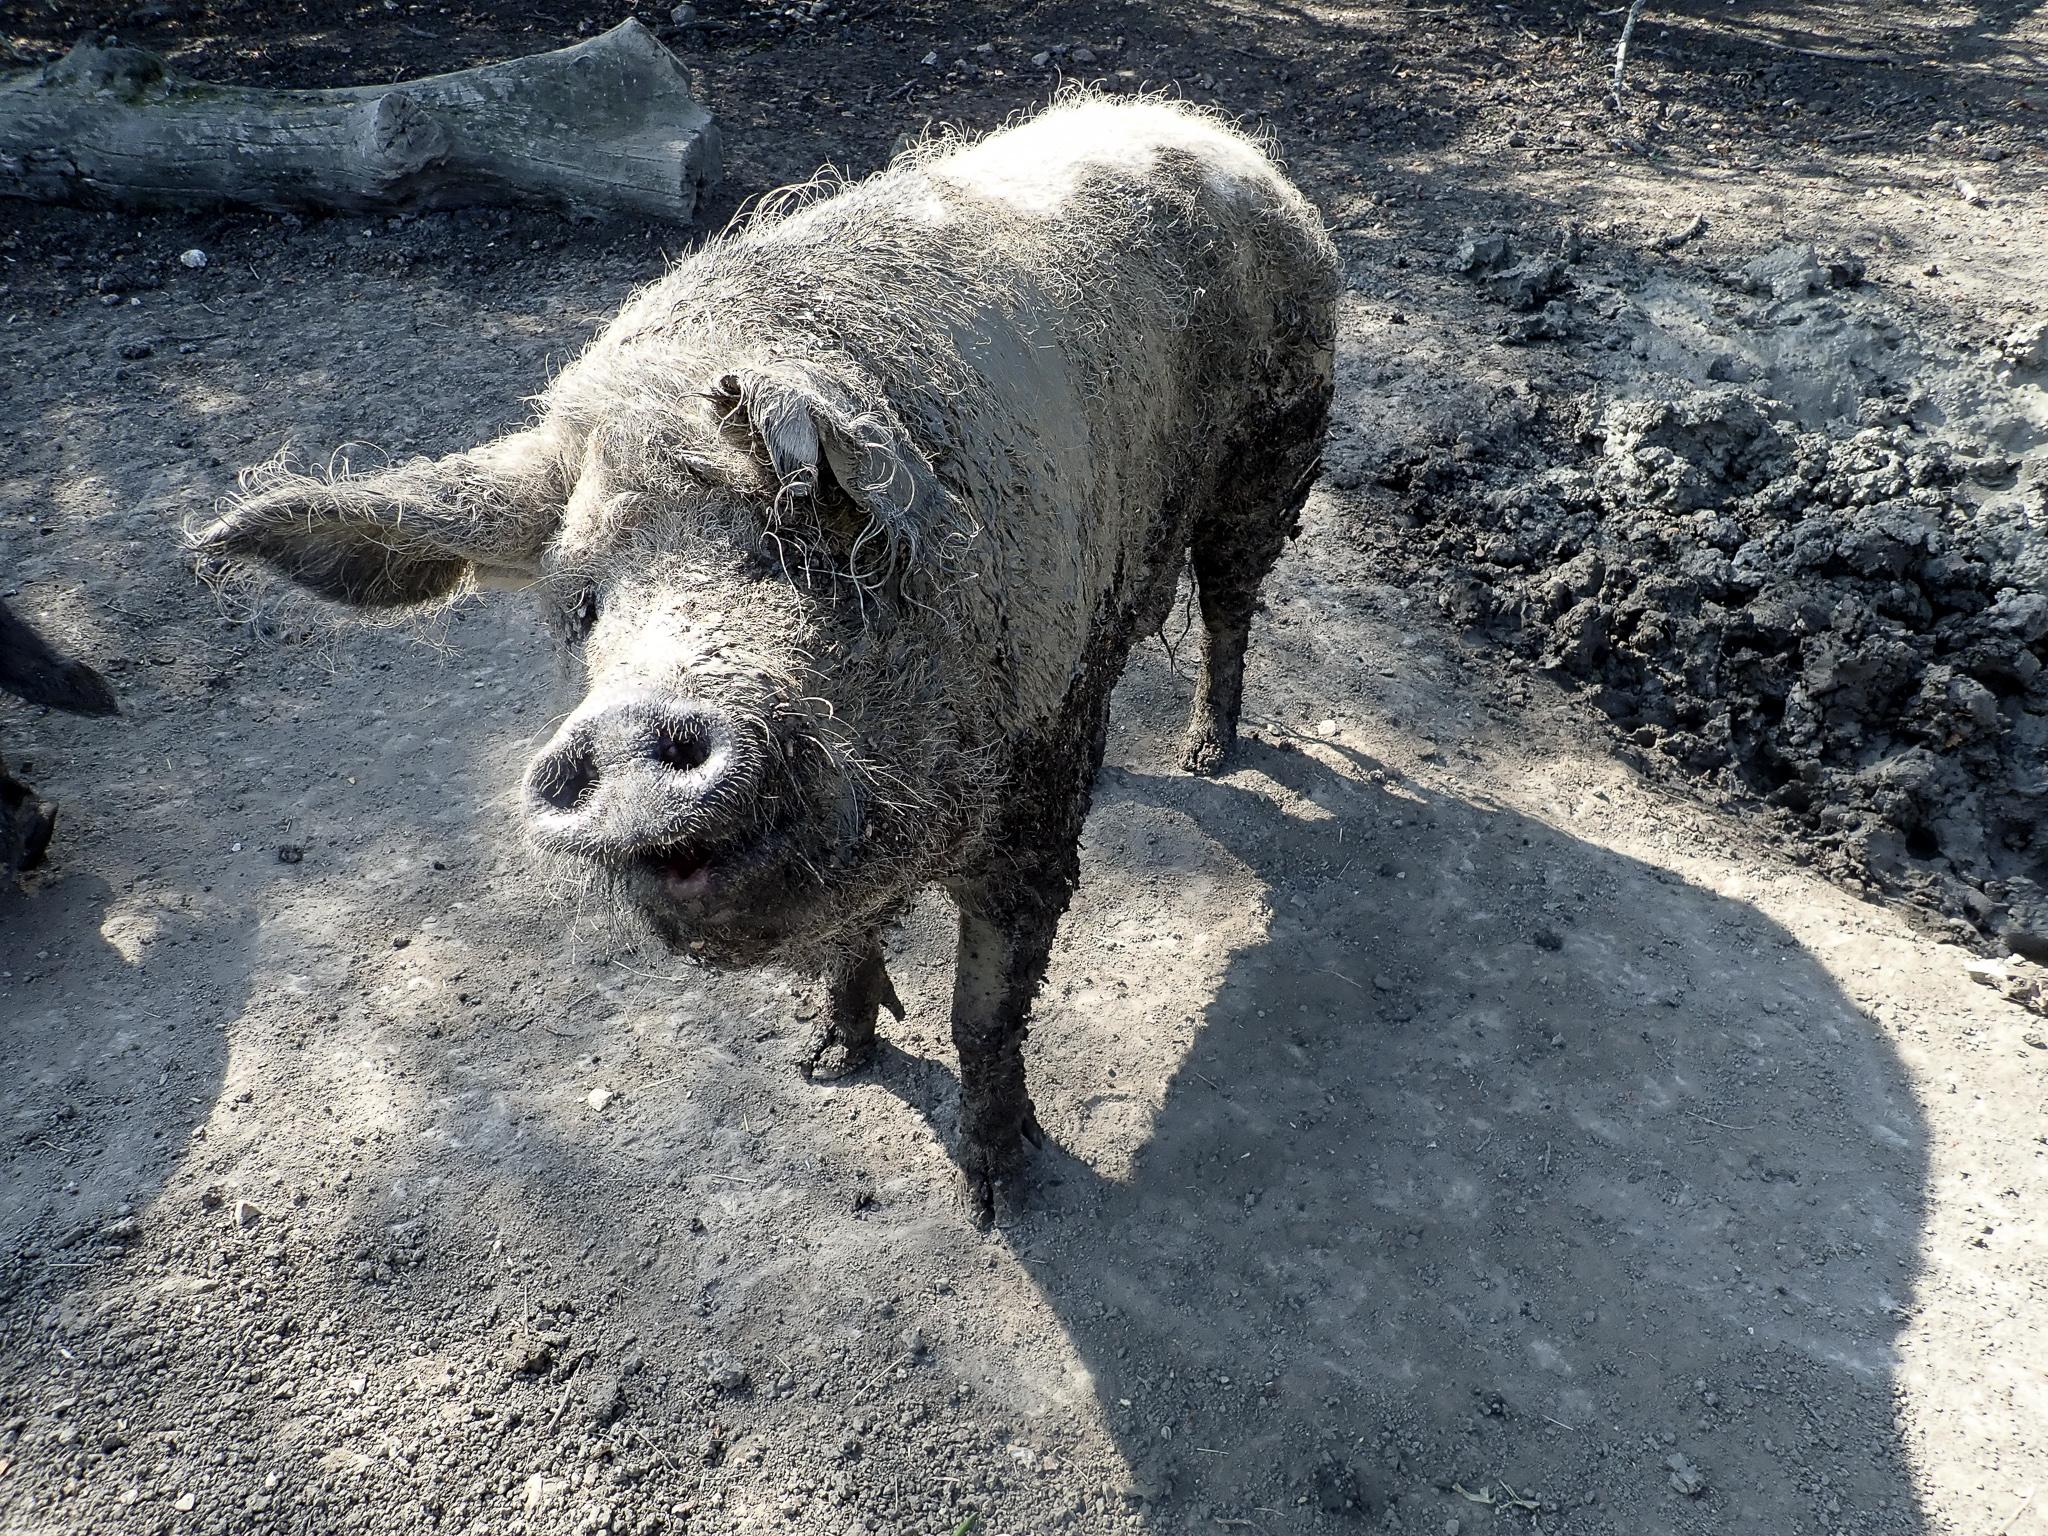 A pig in mud